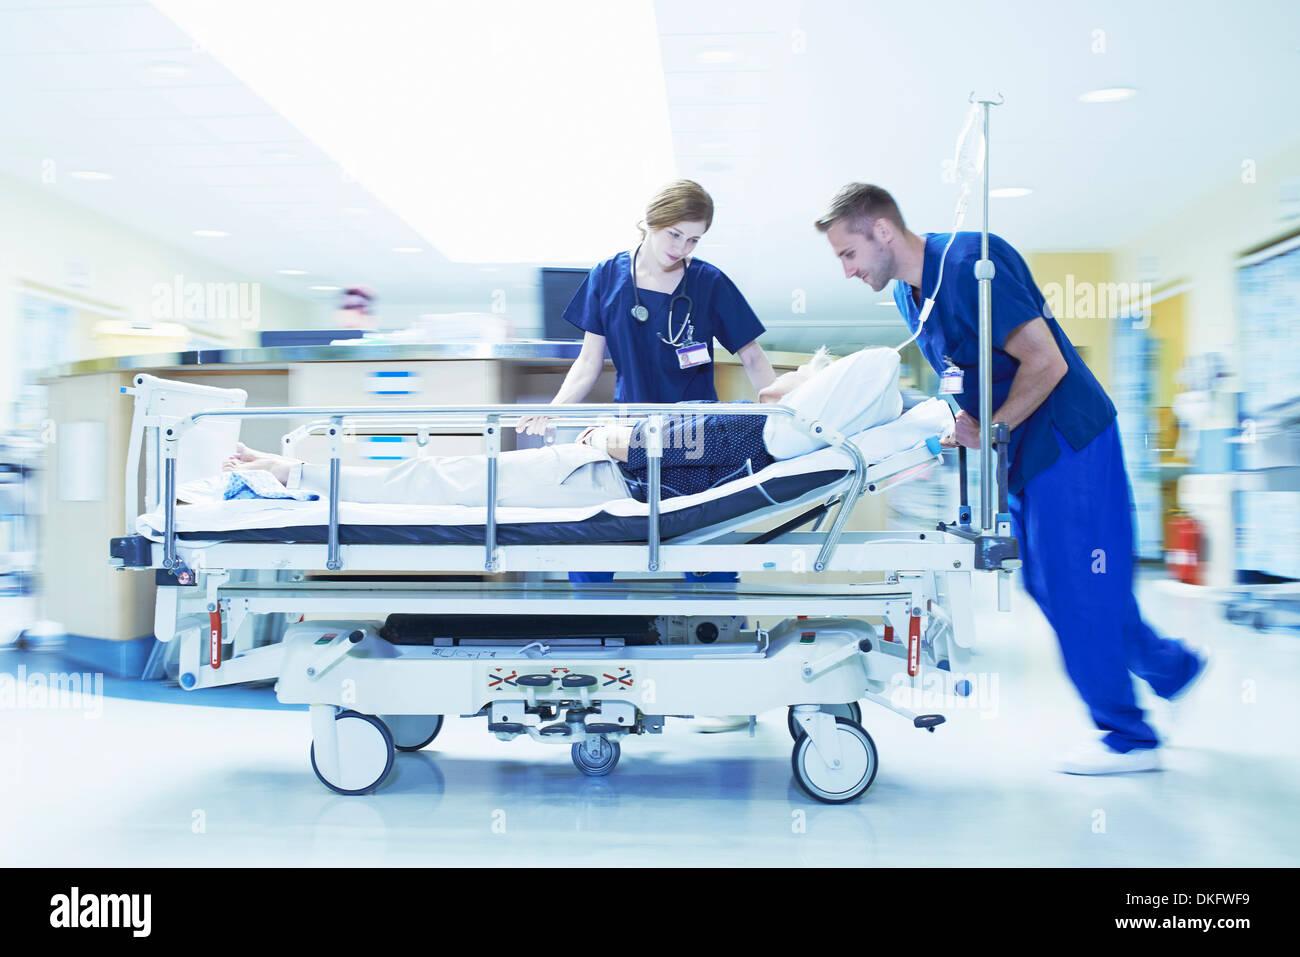 Zwei Ärzte drängen Gurney in Krankenhaus-Notaufnahme Stockbild